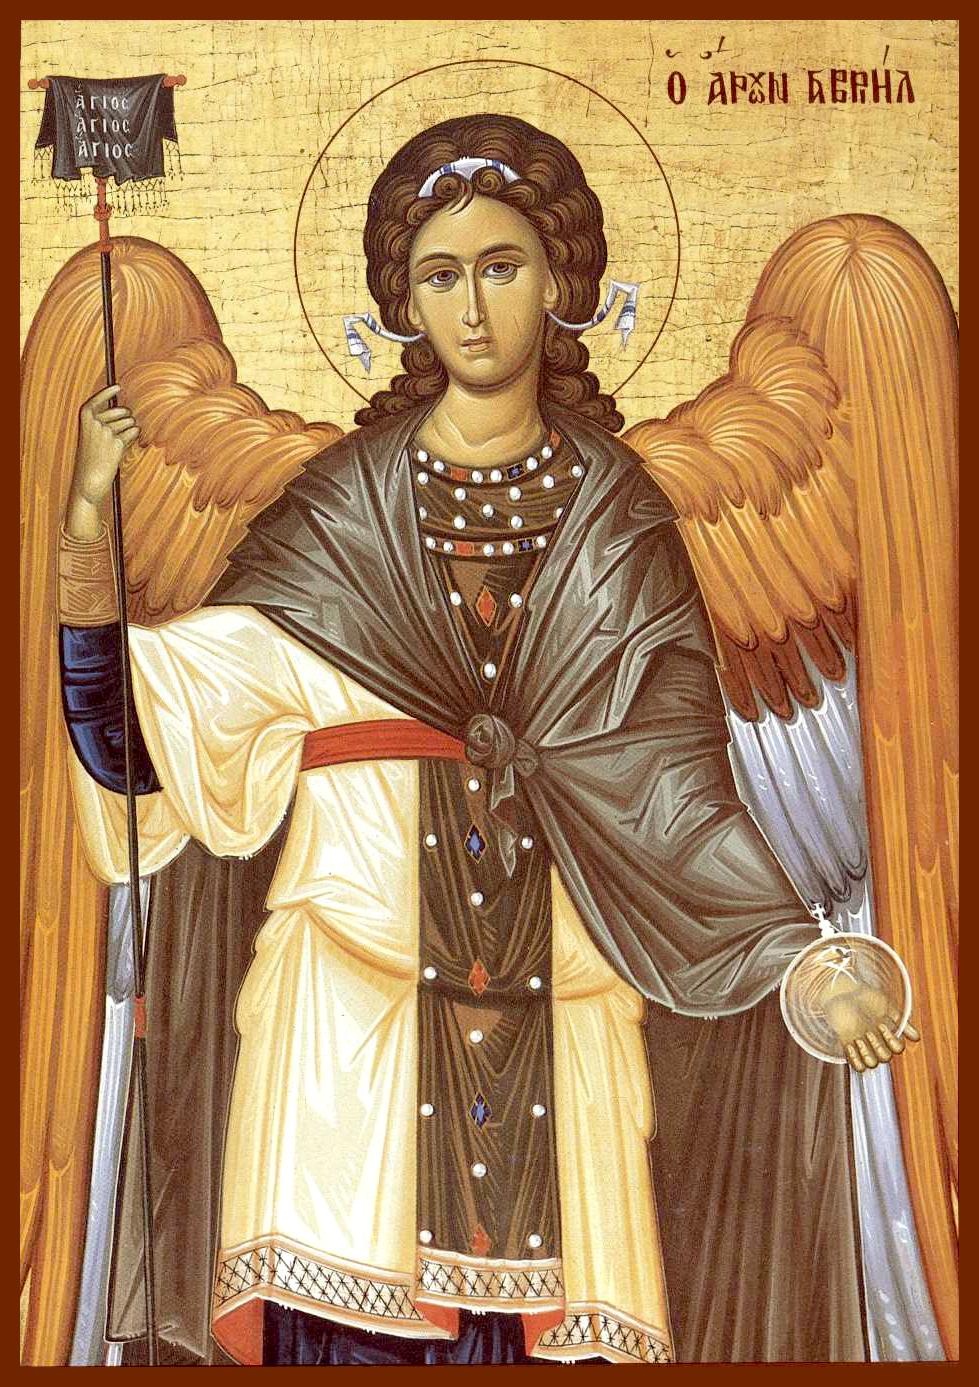 Архангел Гавриїл – один з ангелів, шанований у християнстві, іудаїзмі та ісламі